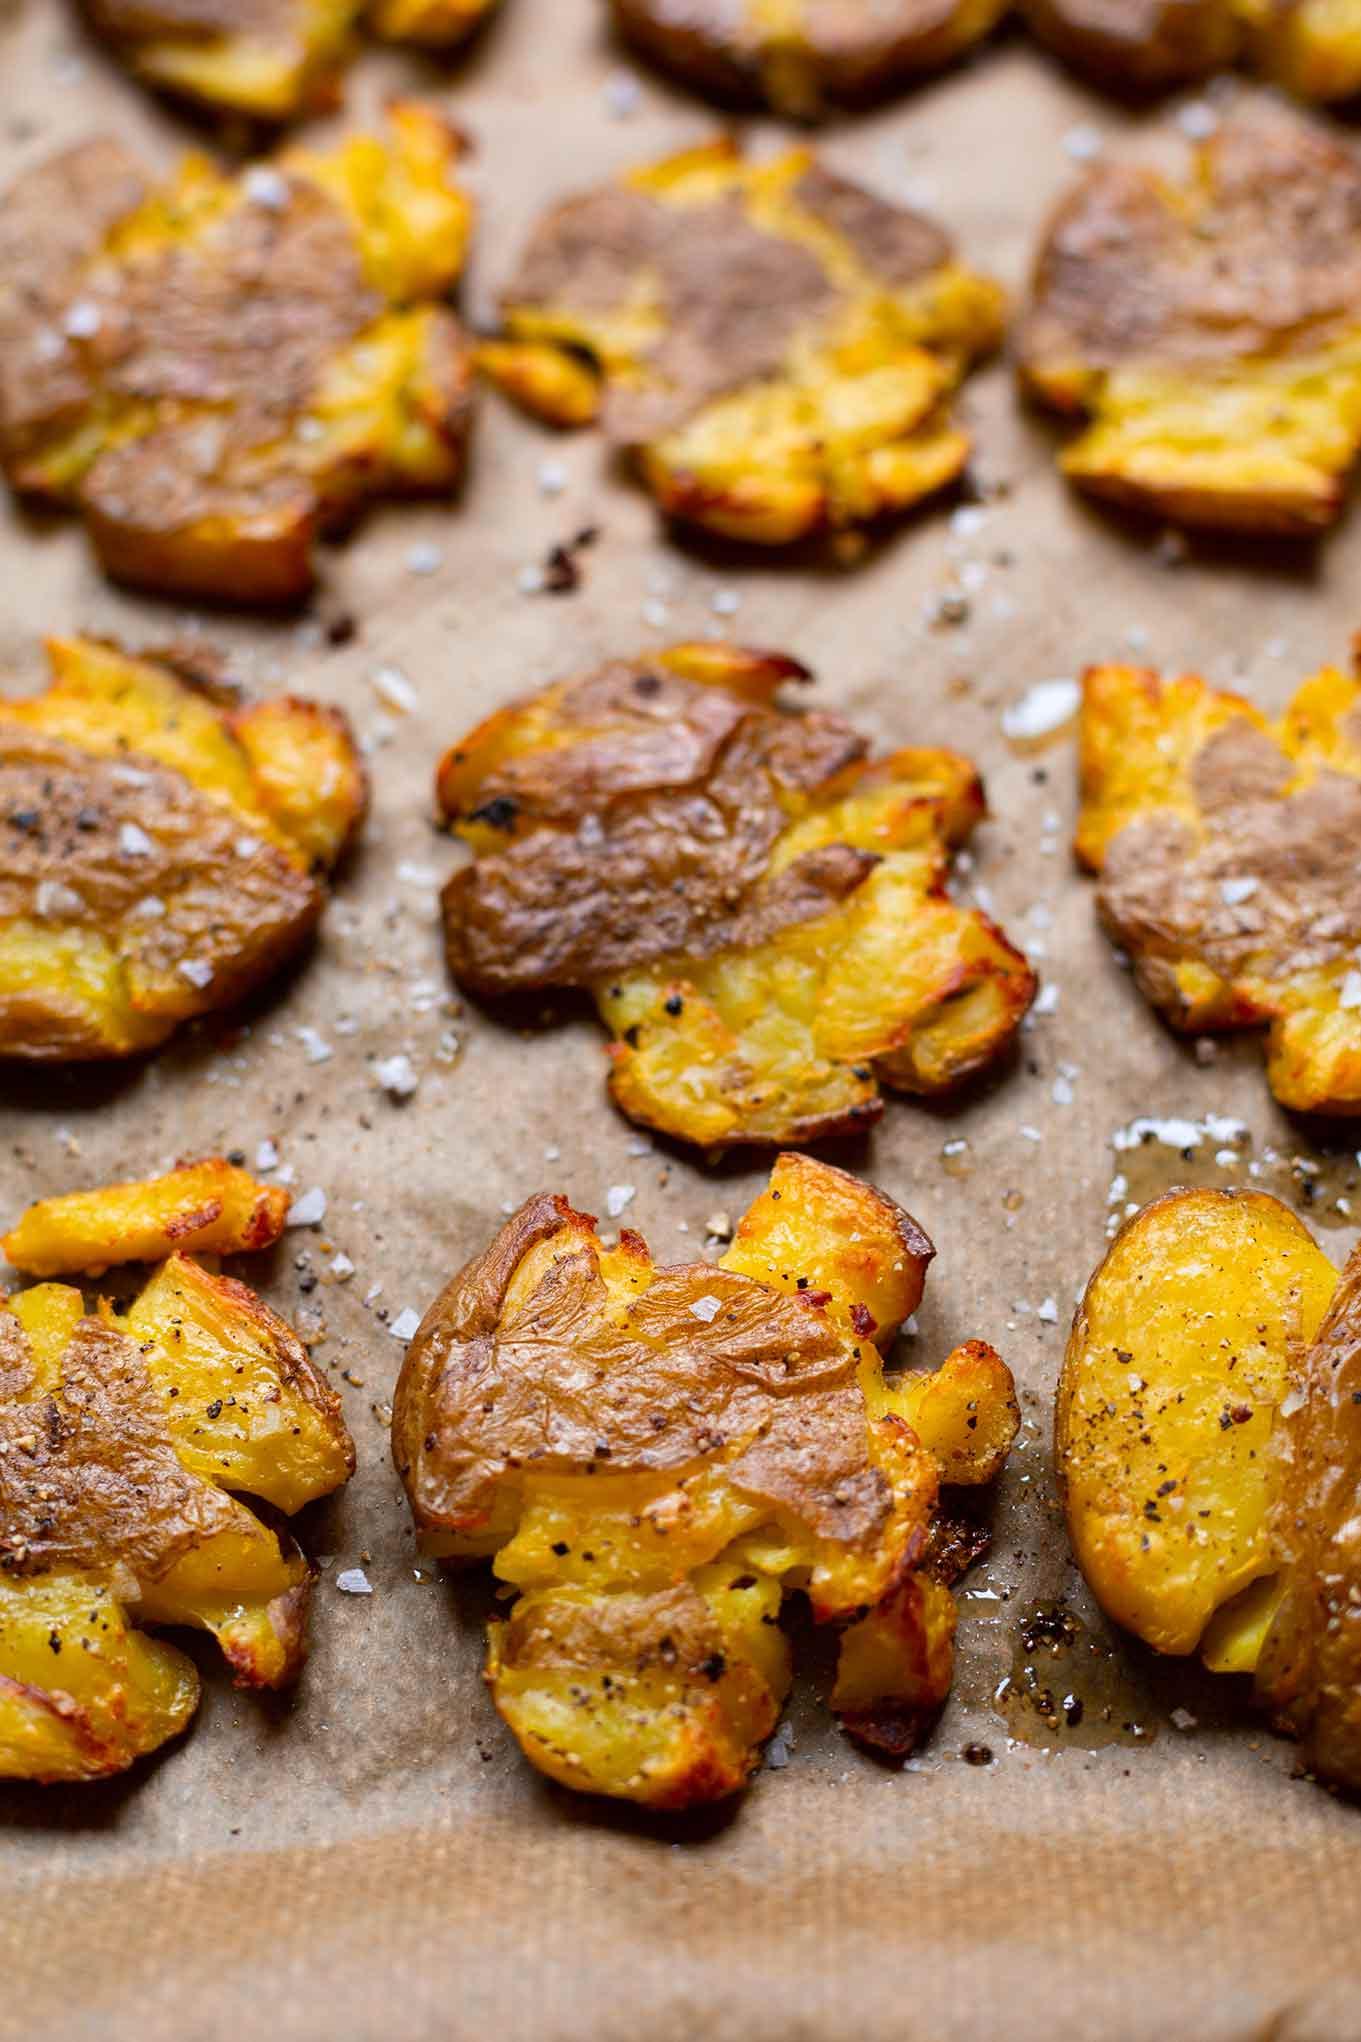 Kochkarussell-Rezept: Quetschkartoffeln vom Backblech mit Joghurt-Knoblauch-Dip